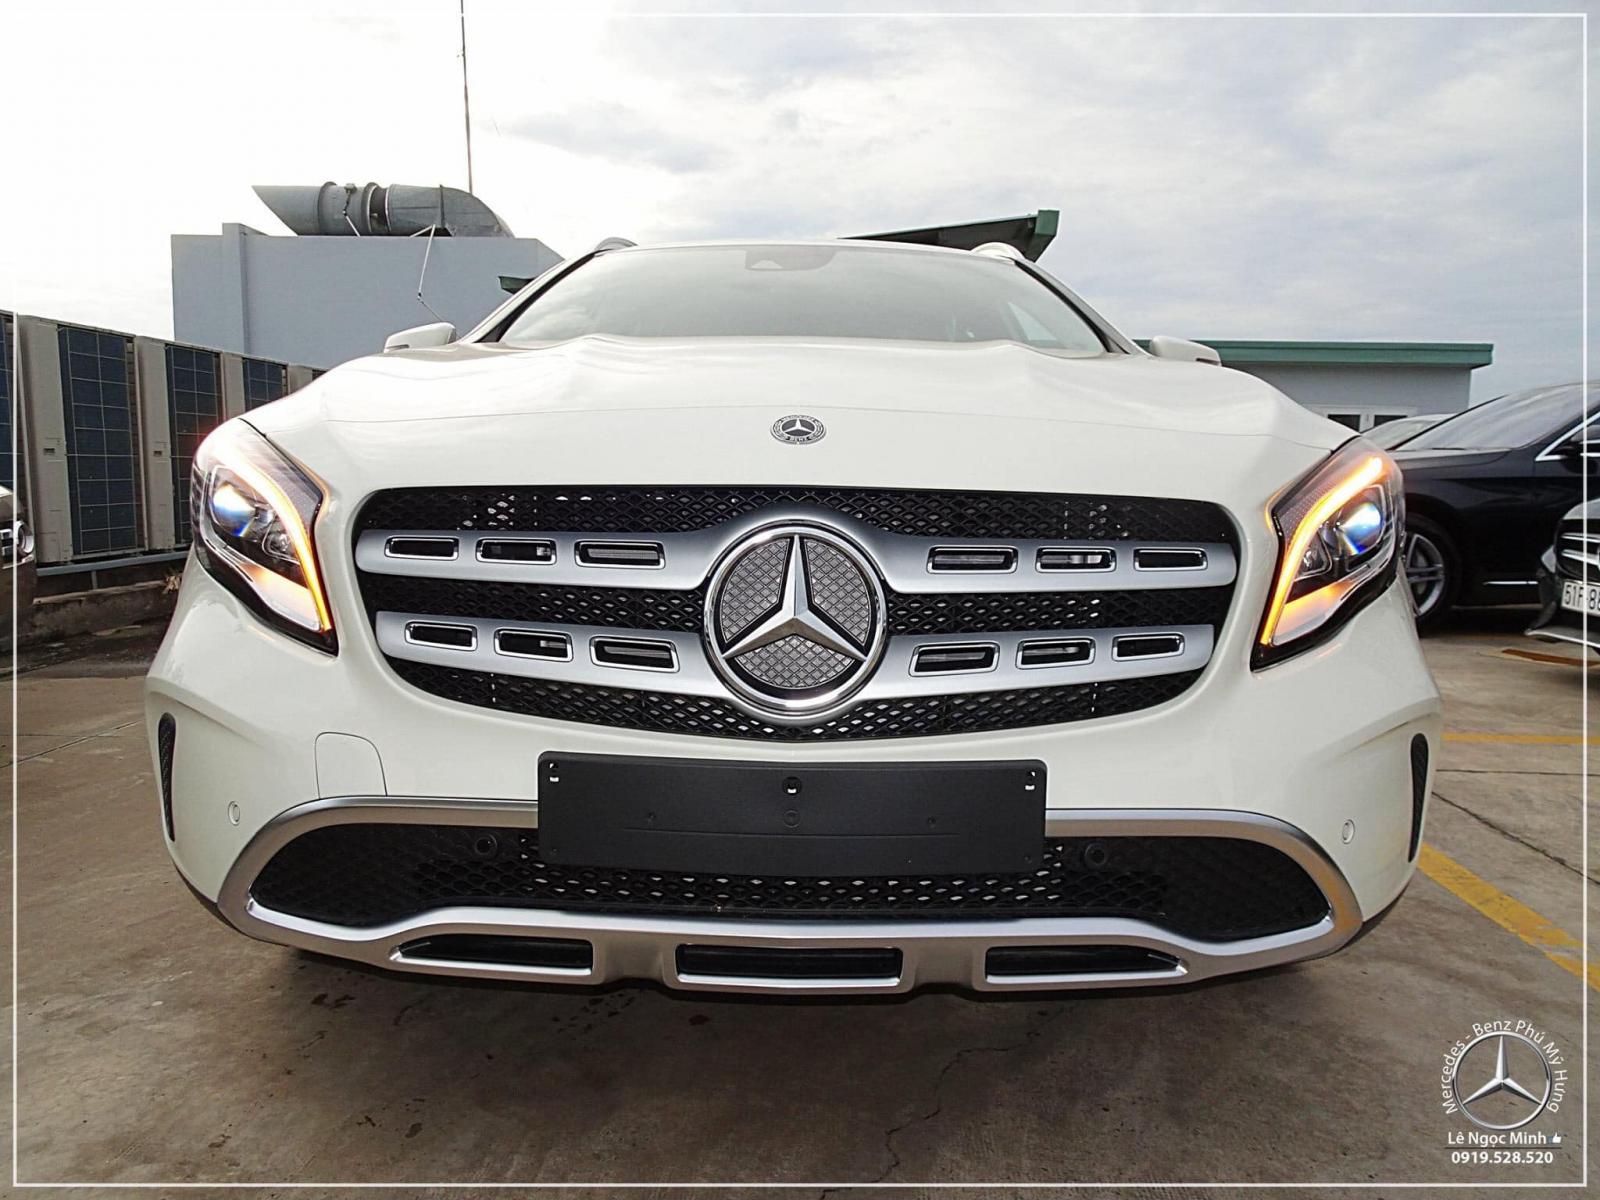 Bán Mercedes GLA 200 new - SUV 5 chỗ nhập khẩu - hỗ trợ ngân hàng 80%, xe giao ngay, LH 0919 528 520